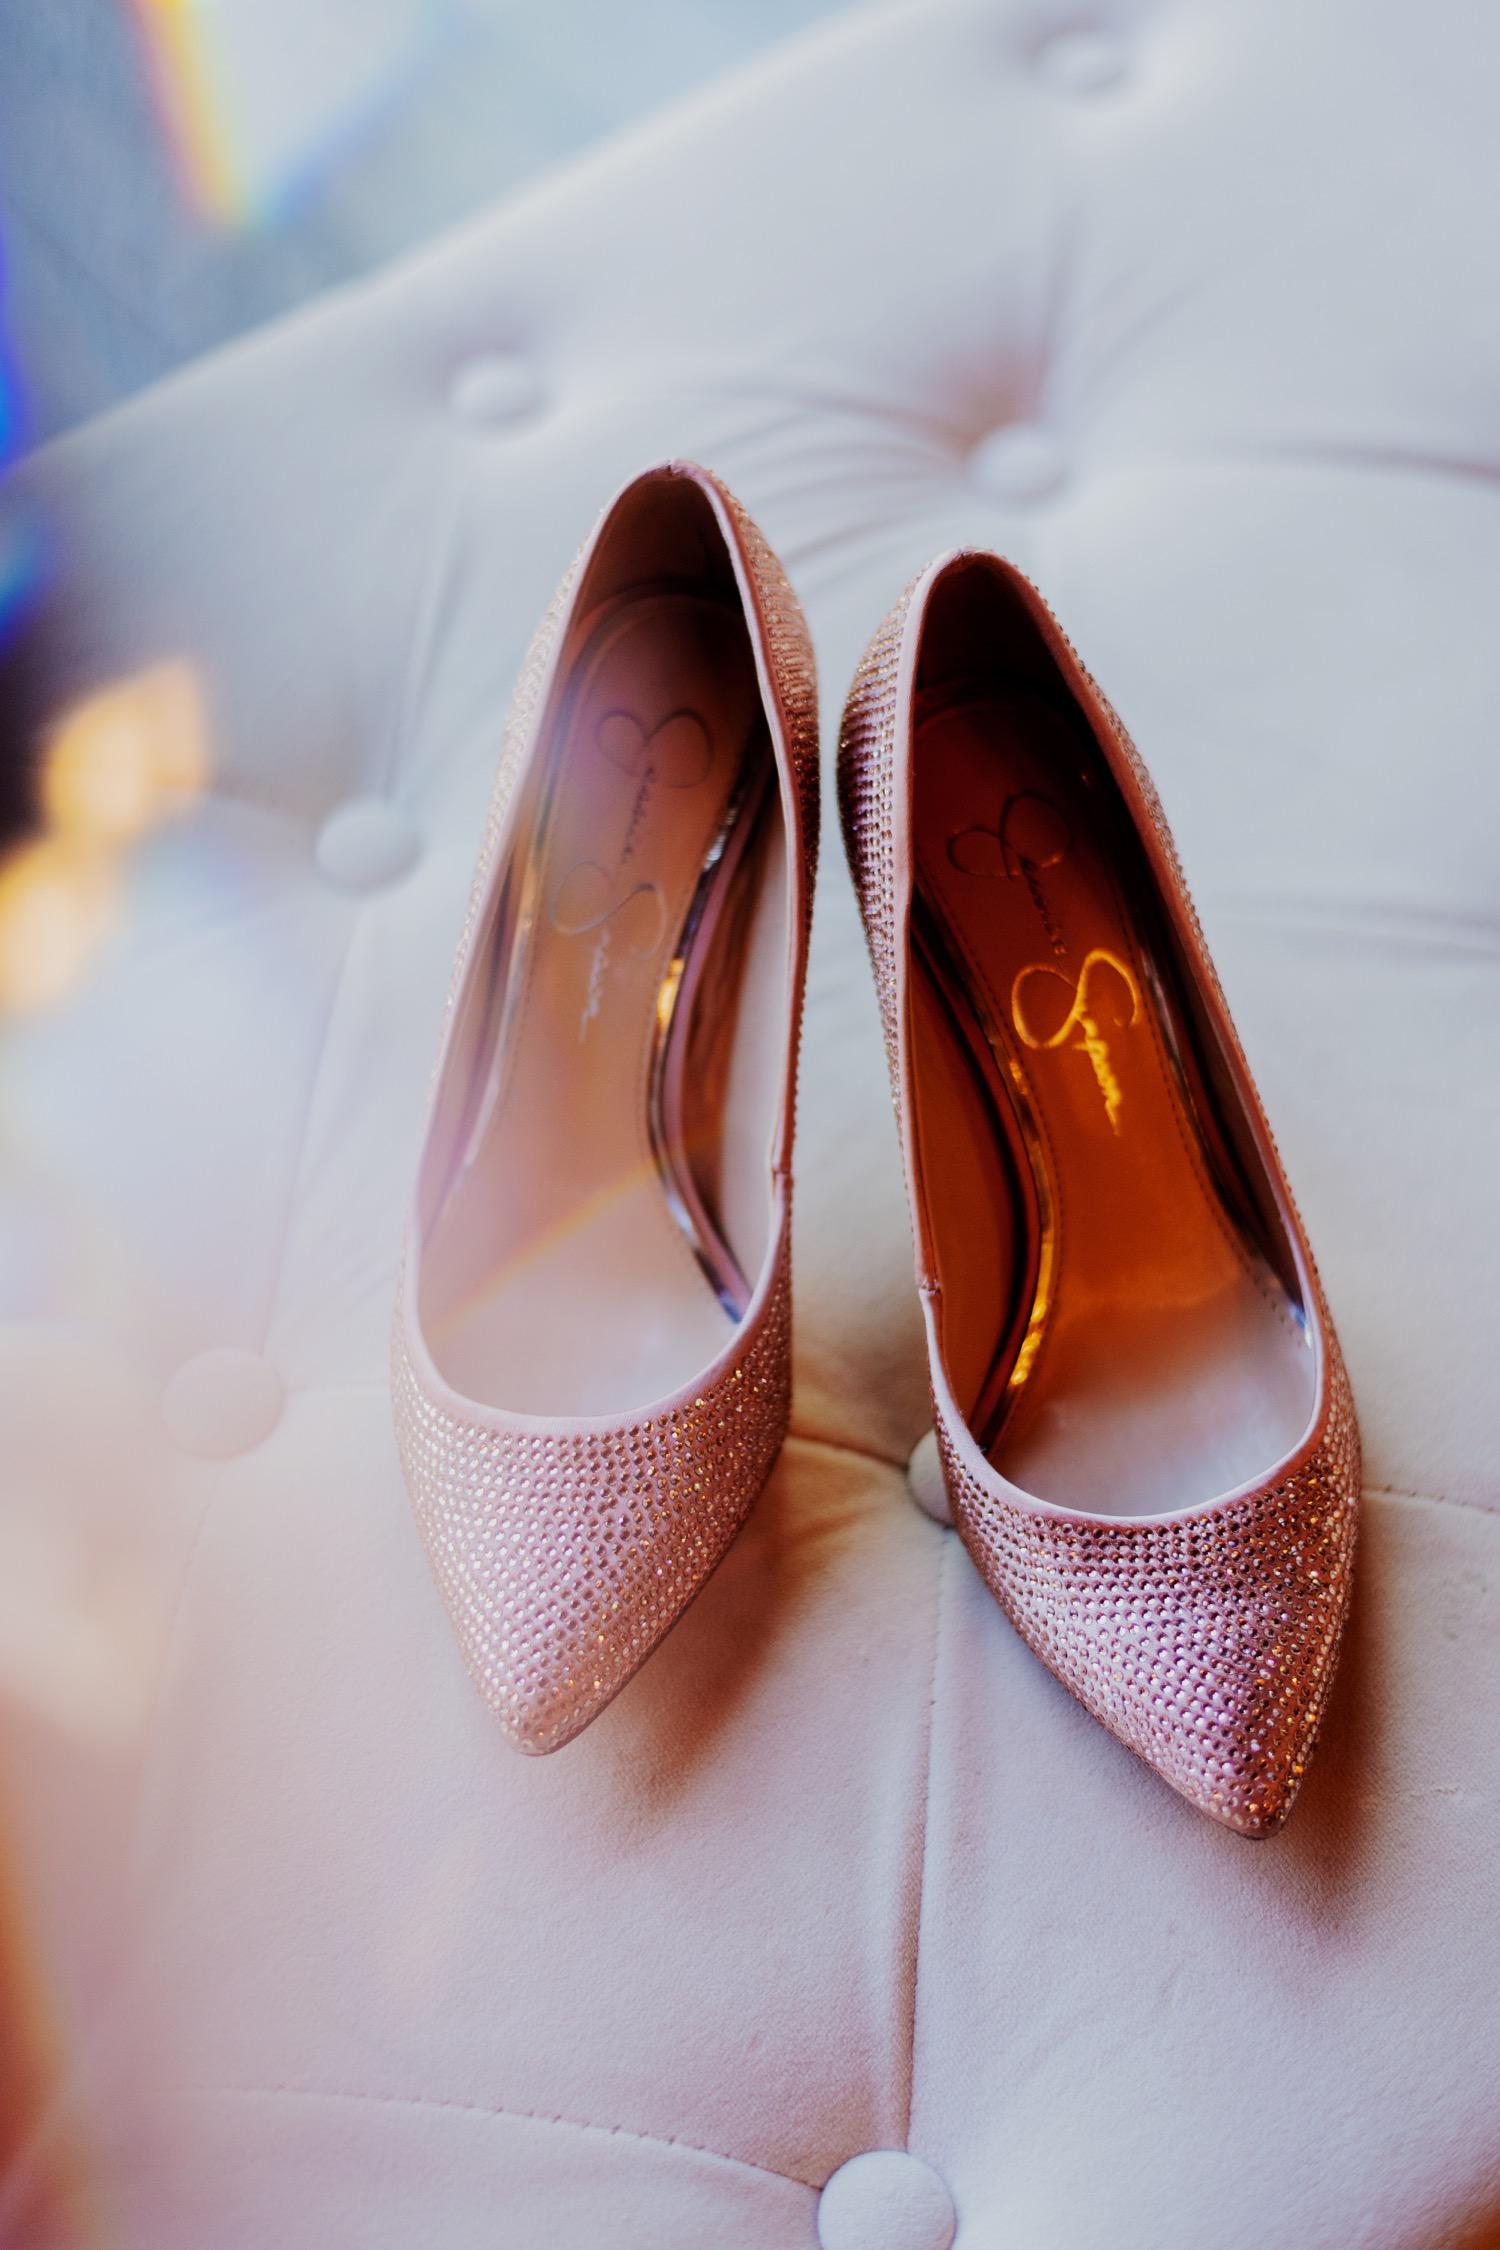 012_Bowden-Pavlocik-Galena-OakHillFarm-Wedding_0021.jpg